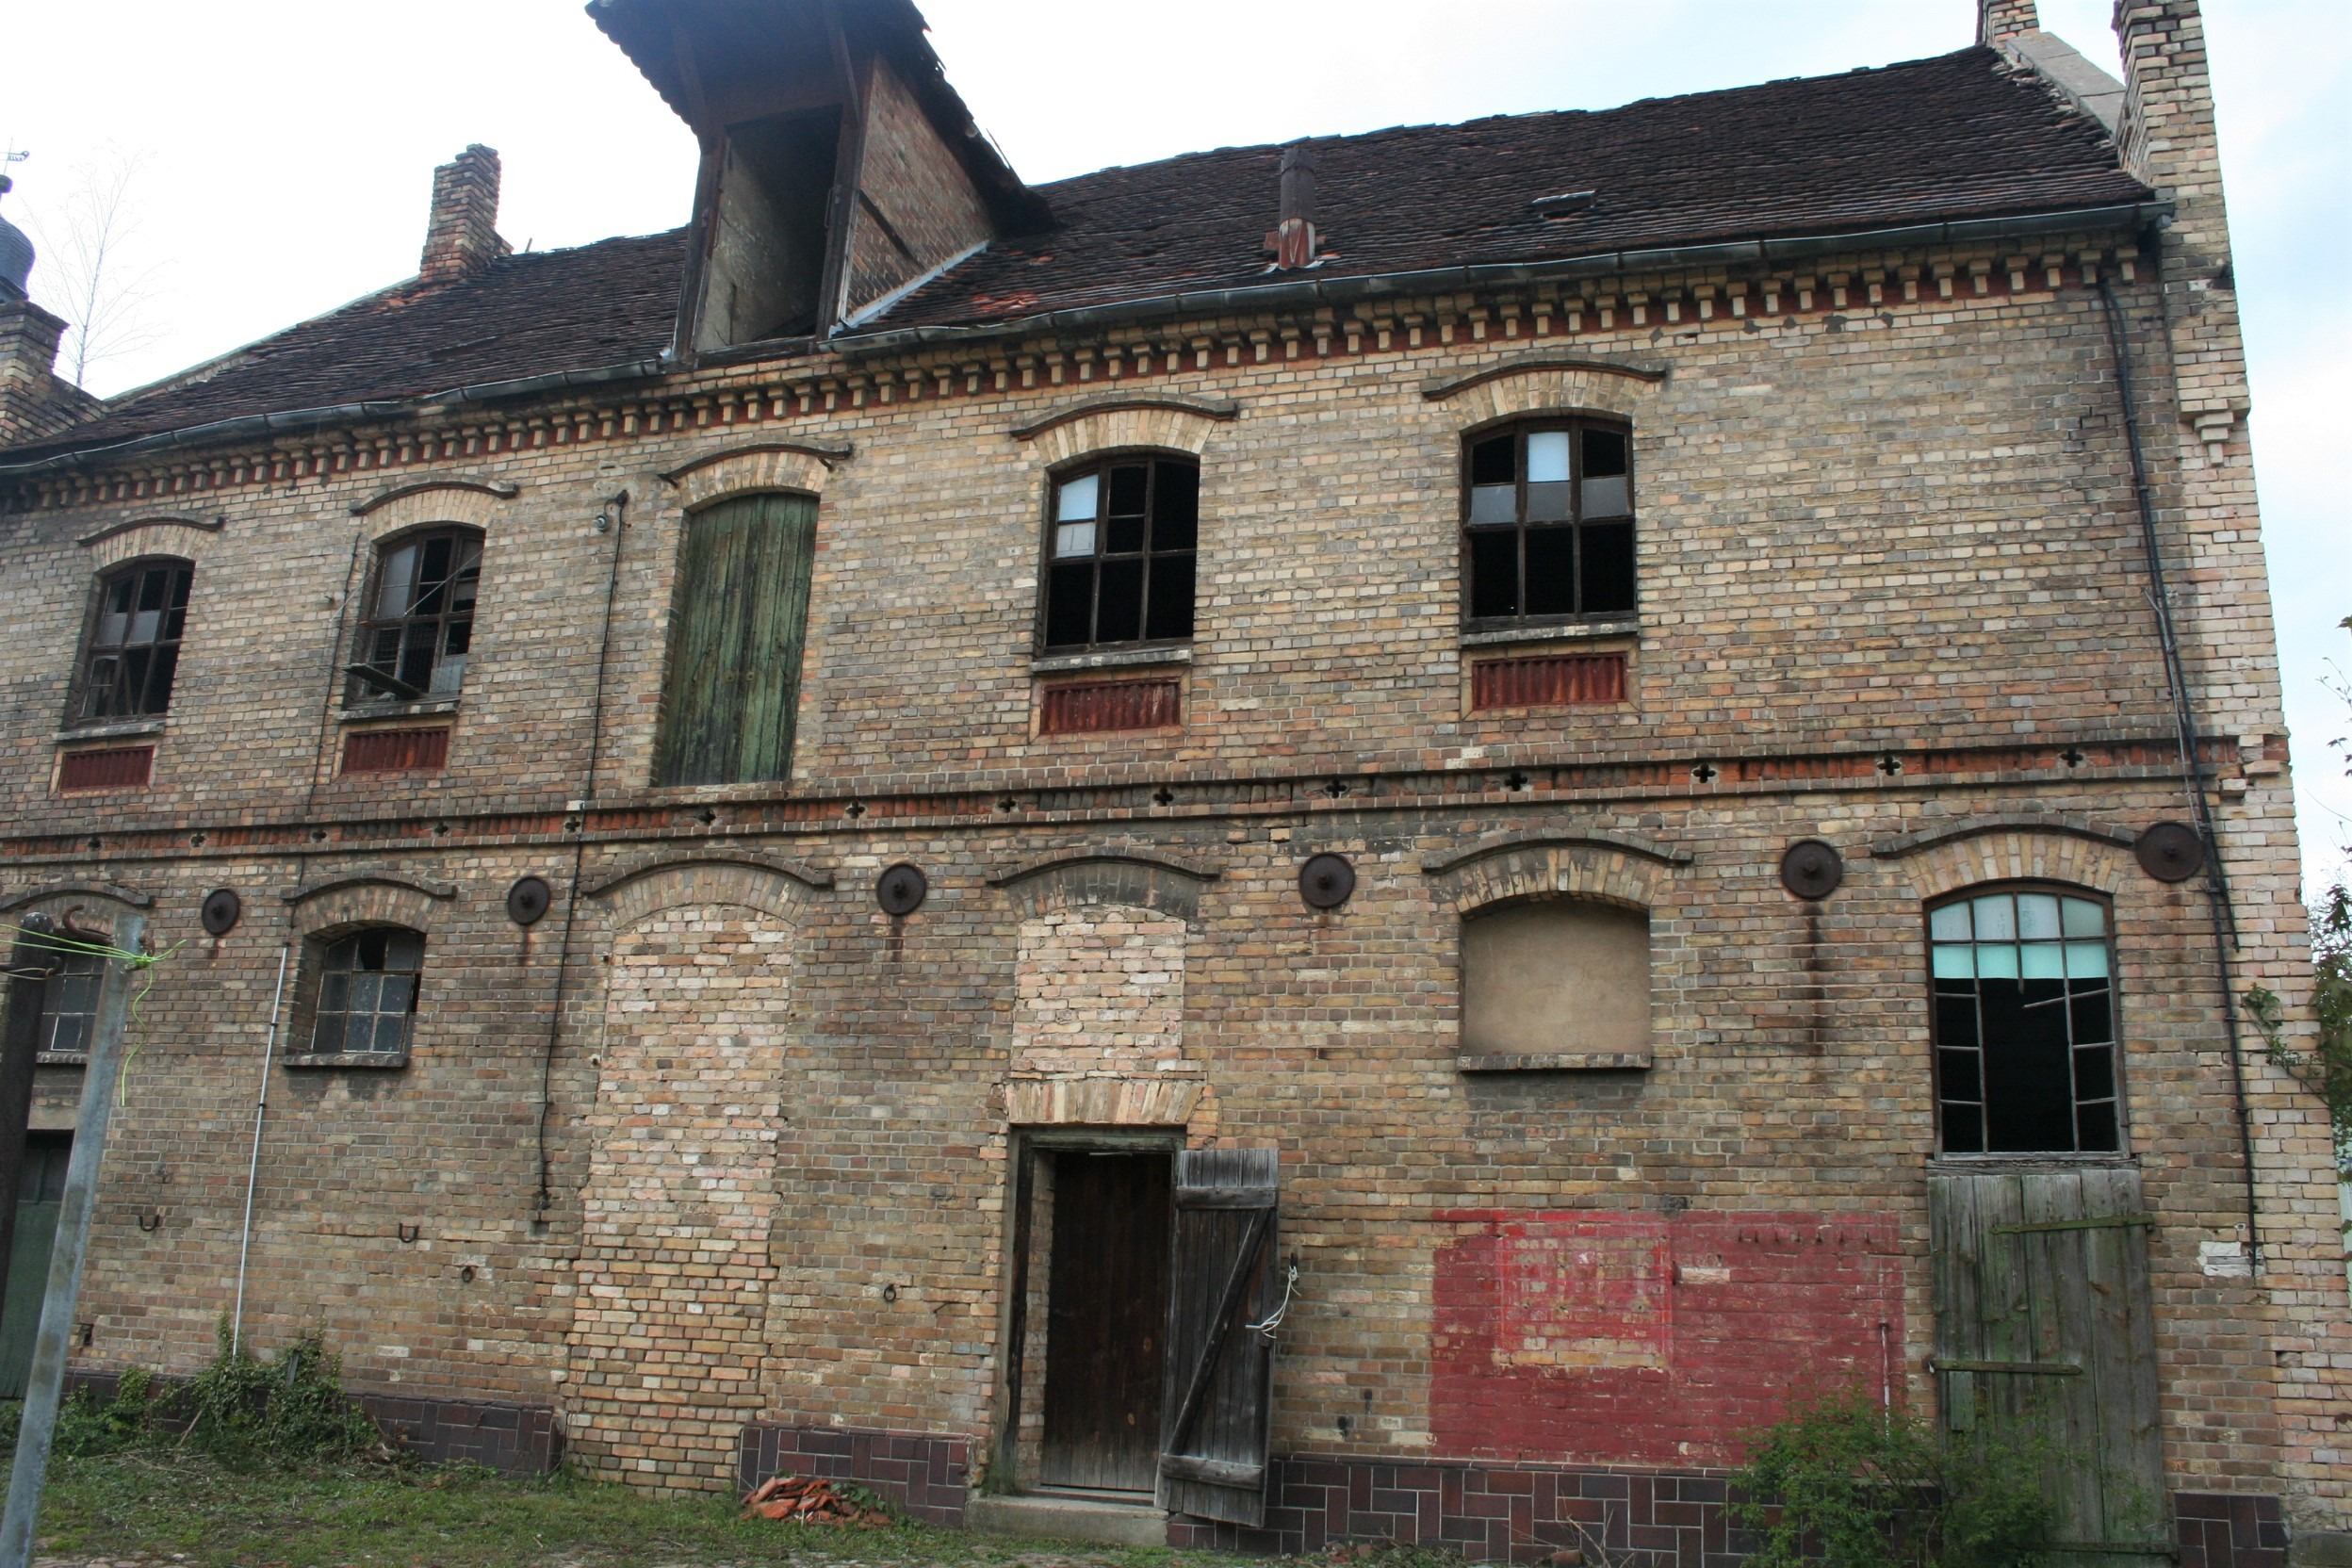 Gutshof Fienstedt Nebengebäude mit Pferdestall und Speicher im Obergeschoss